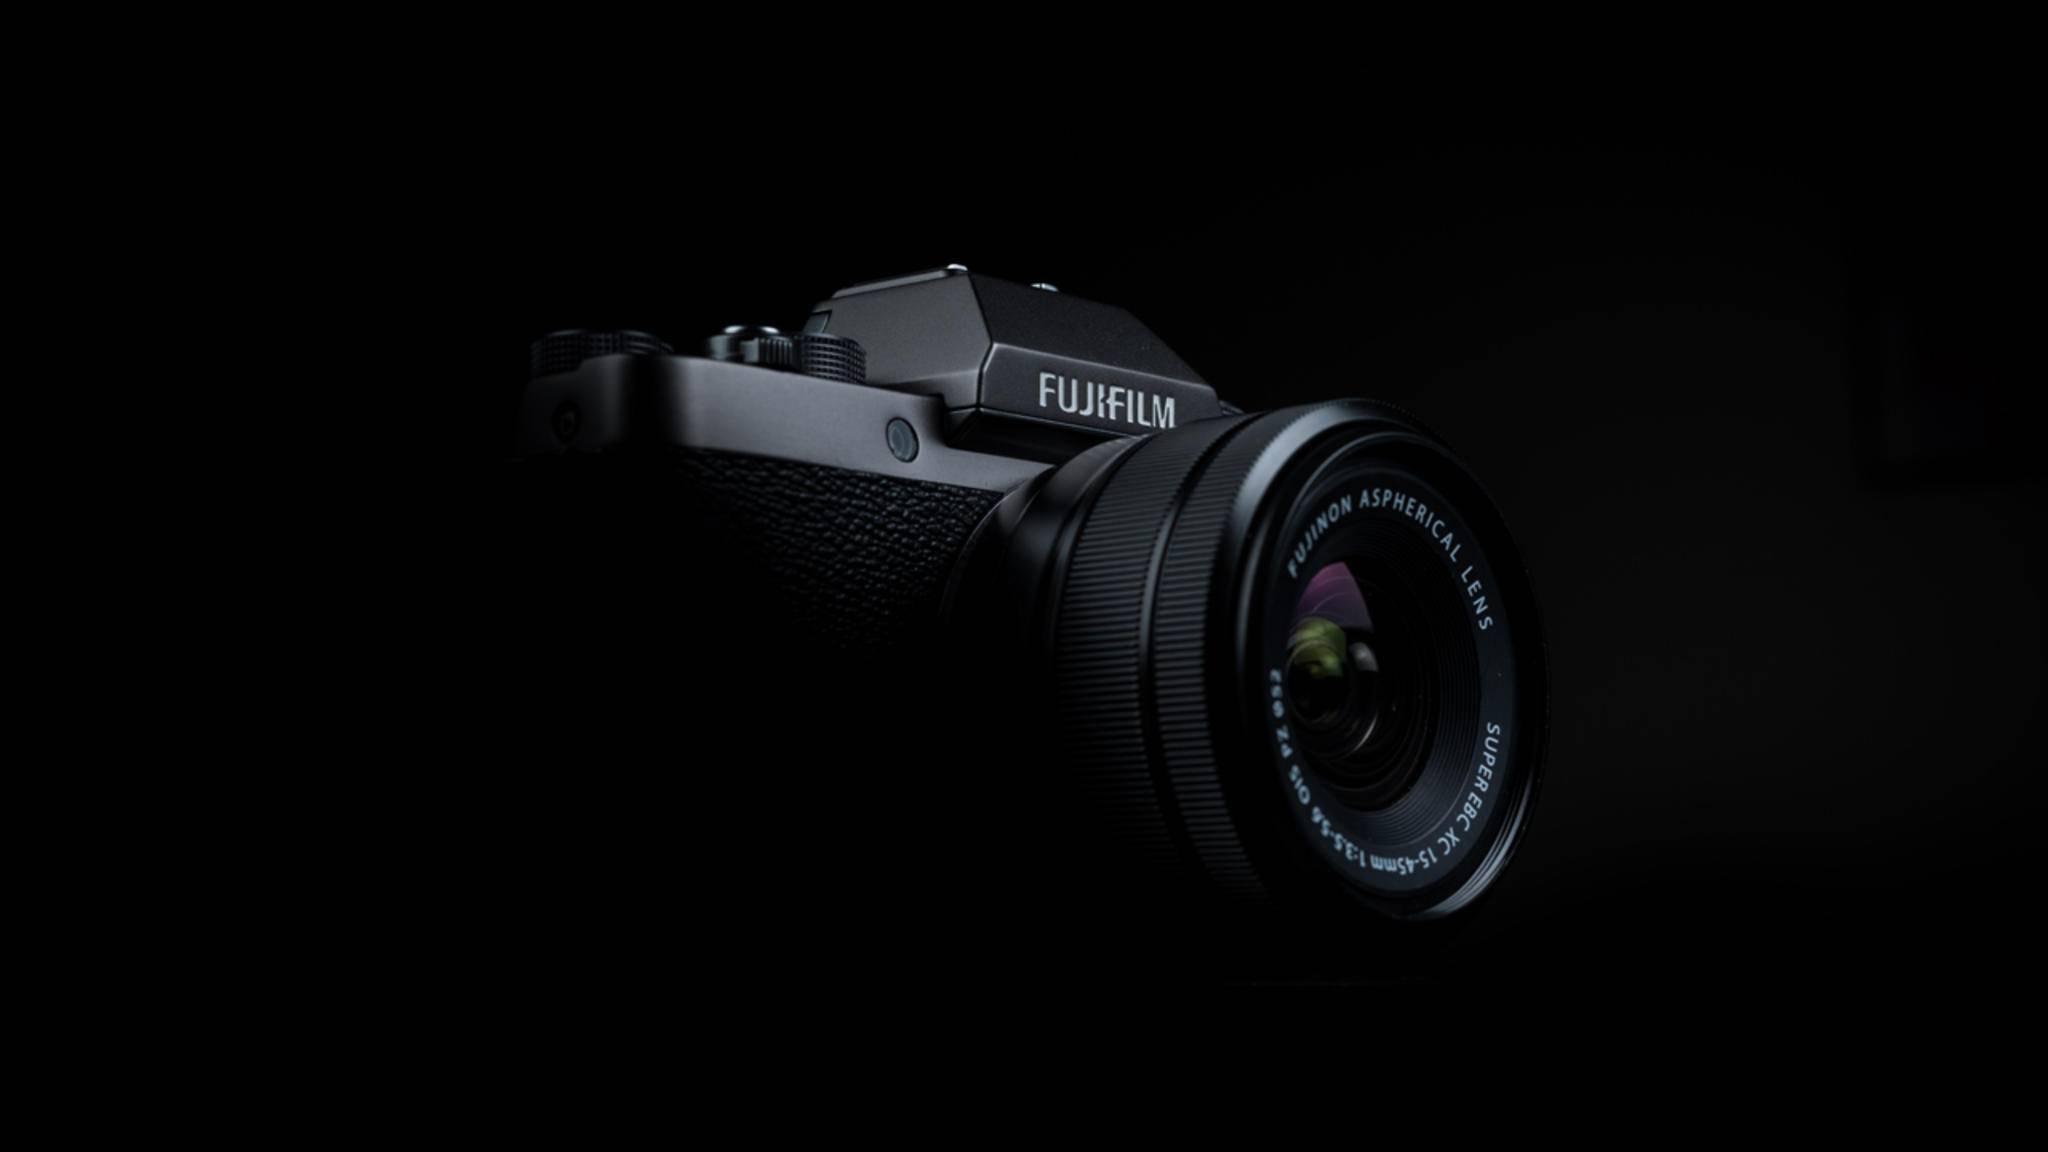 Fujifilm hat die spiegellose X-T100 vorgestellt.